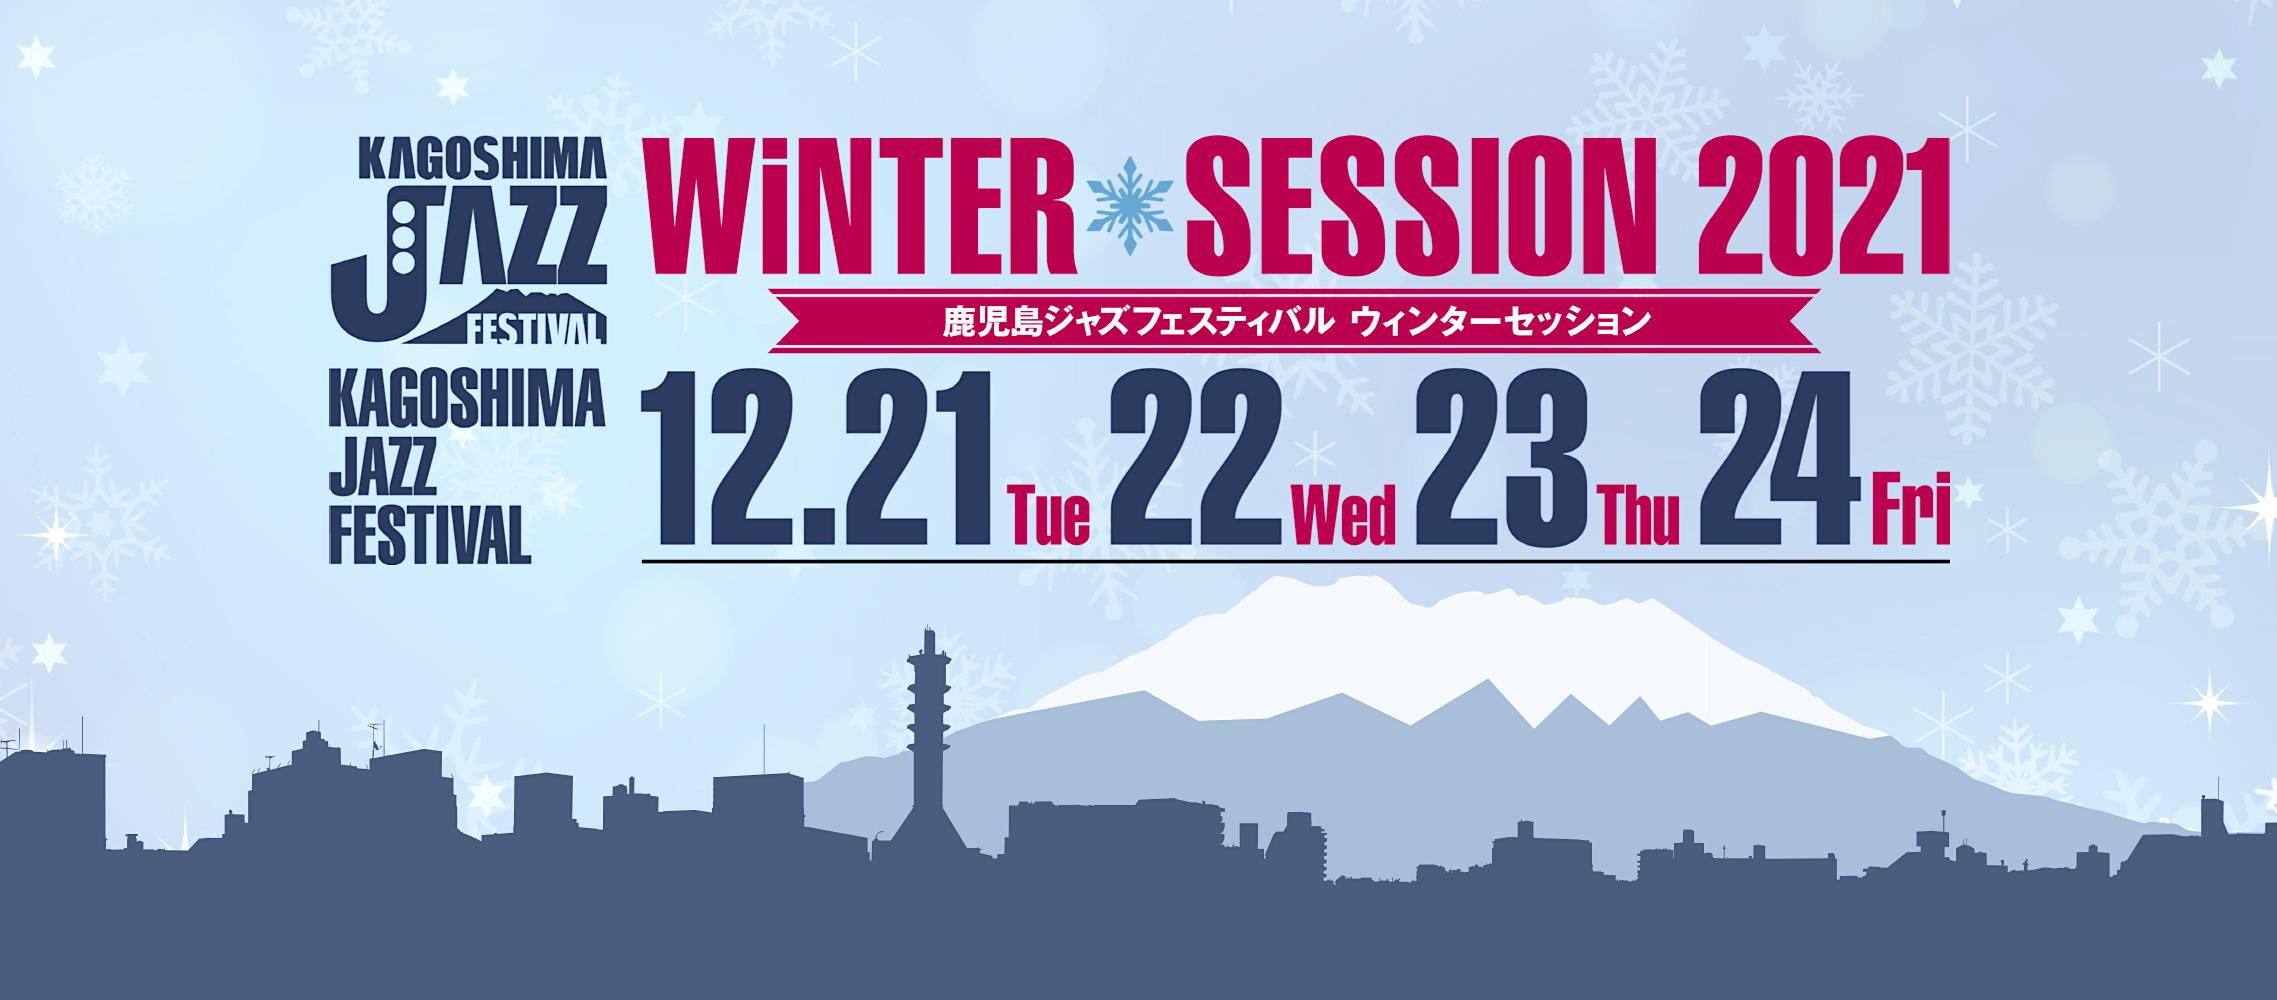 鹿児島ジャズフェスティバル2021 WINTER SESSION